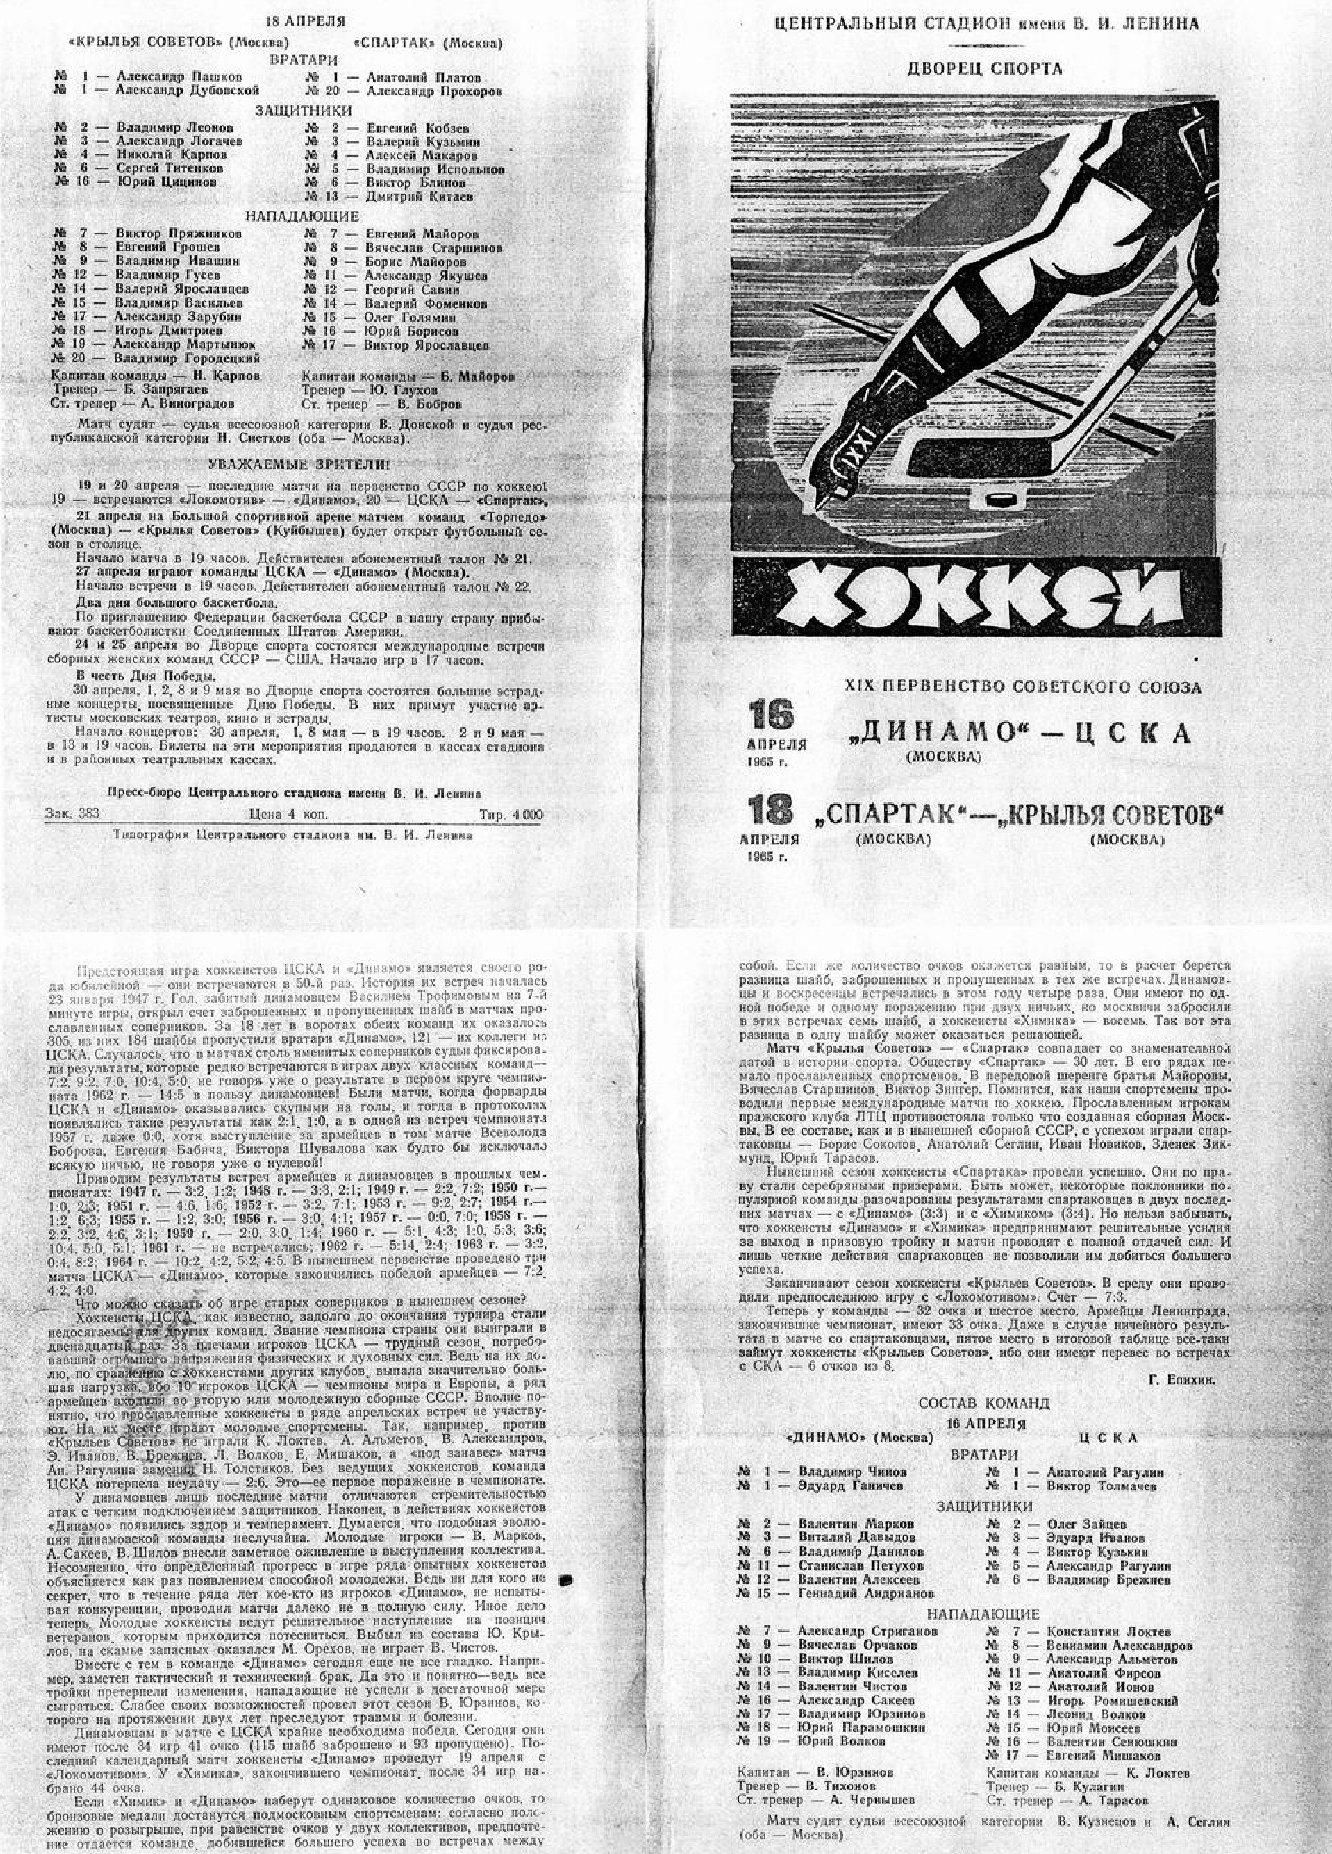 сезон 1964-1965 программки-5.jpg